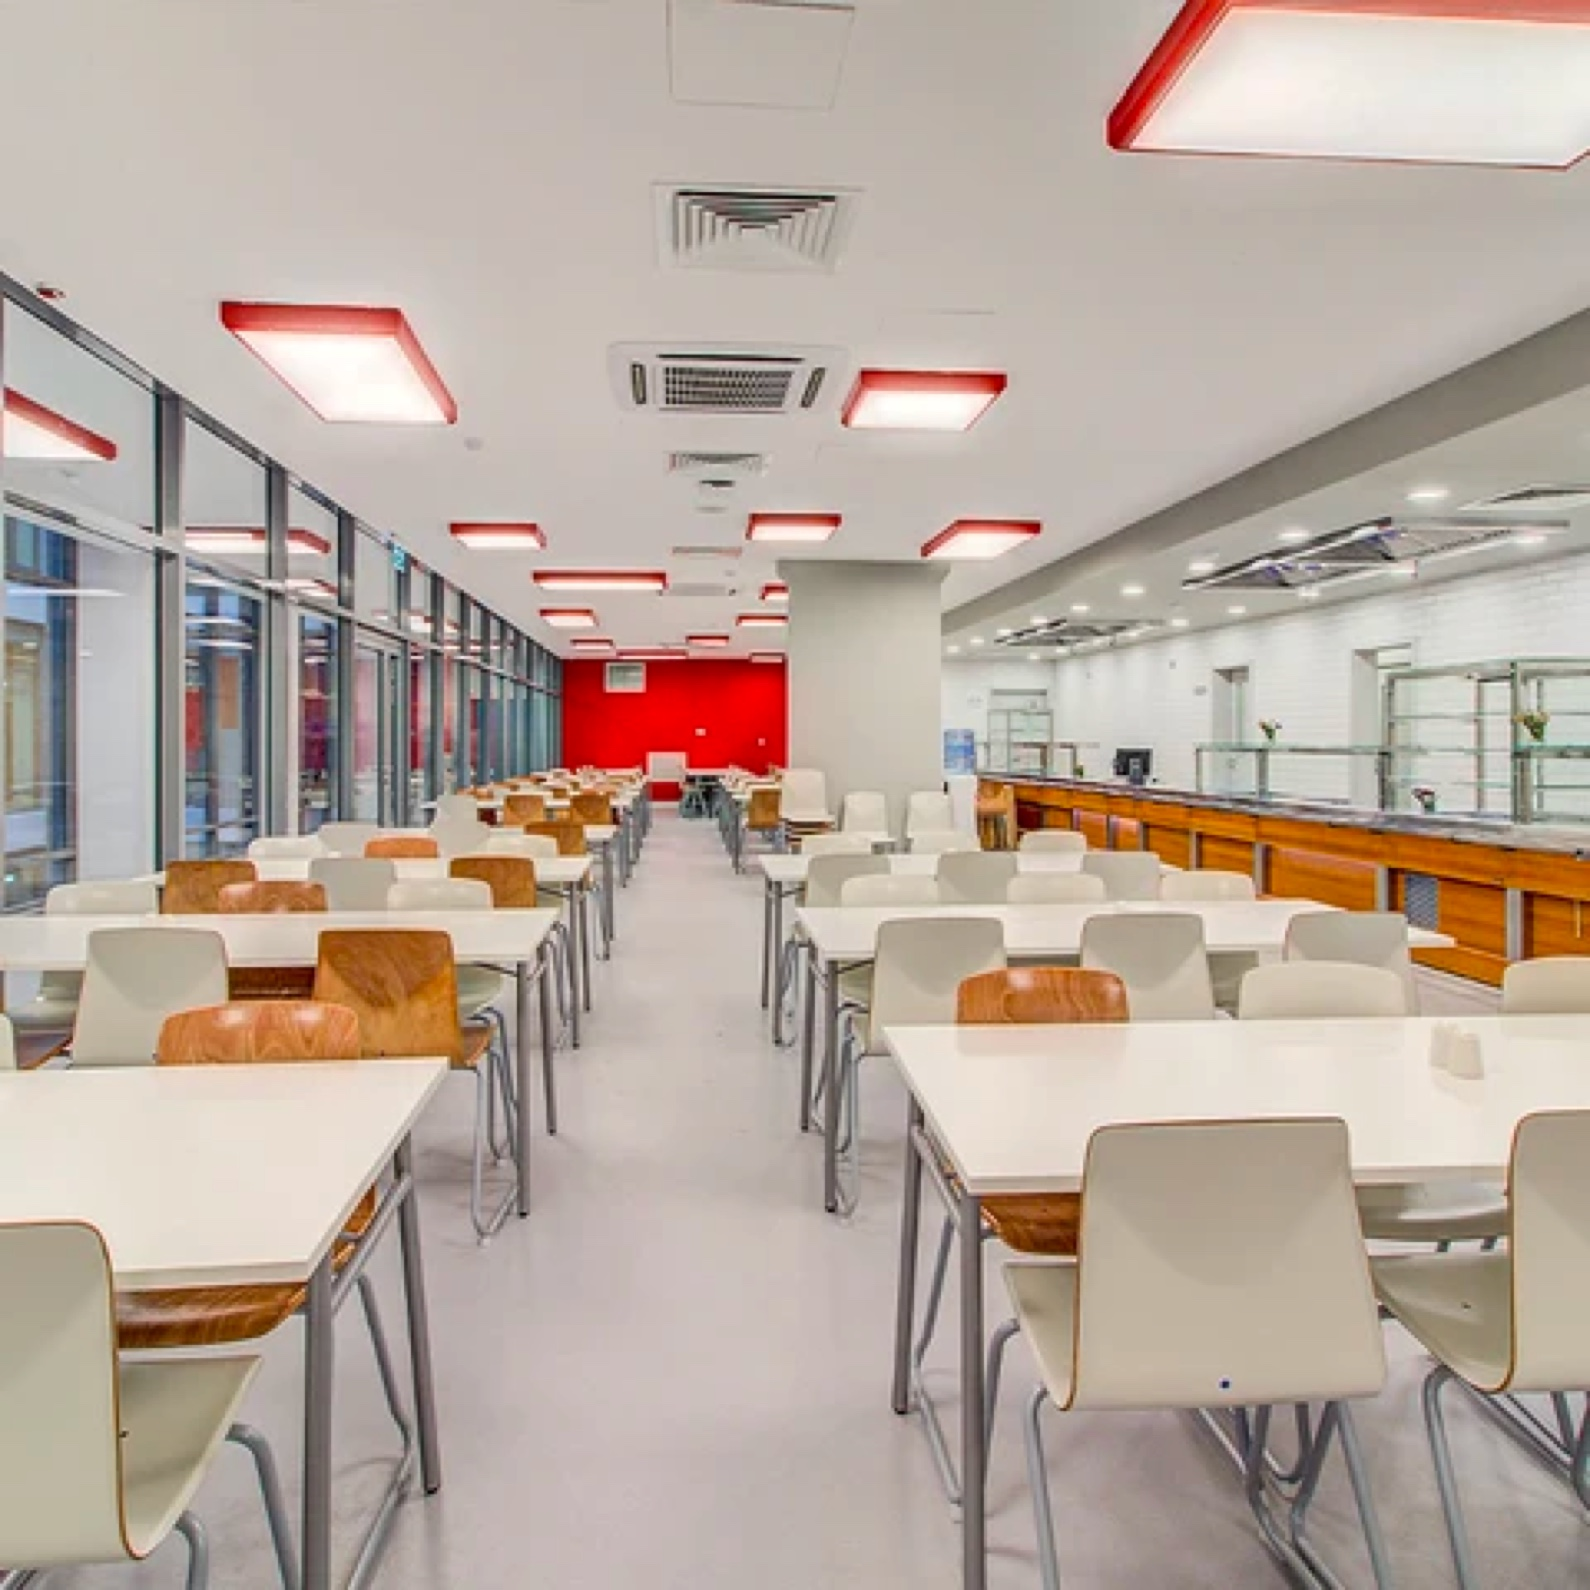 school floor coating applications